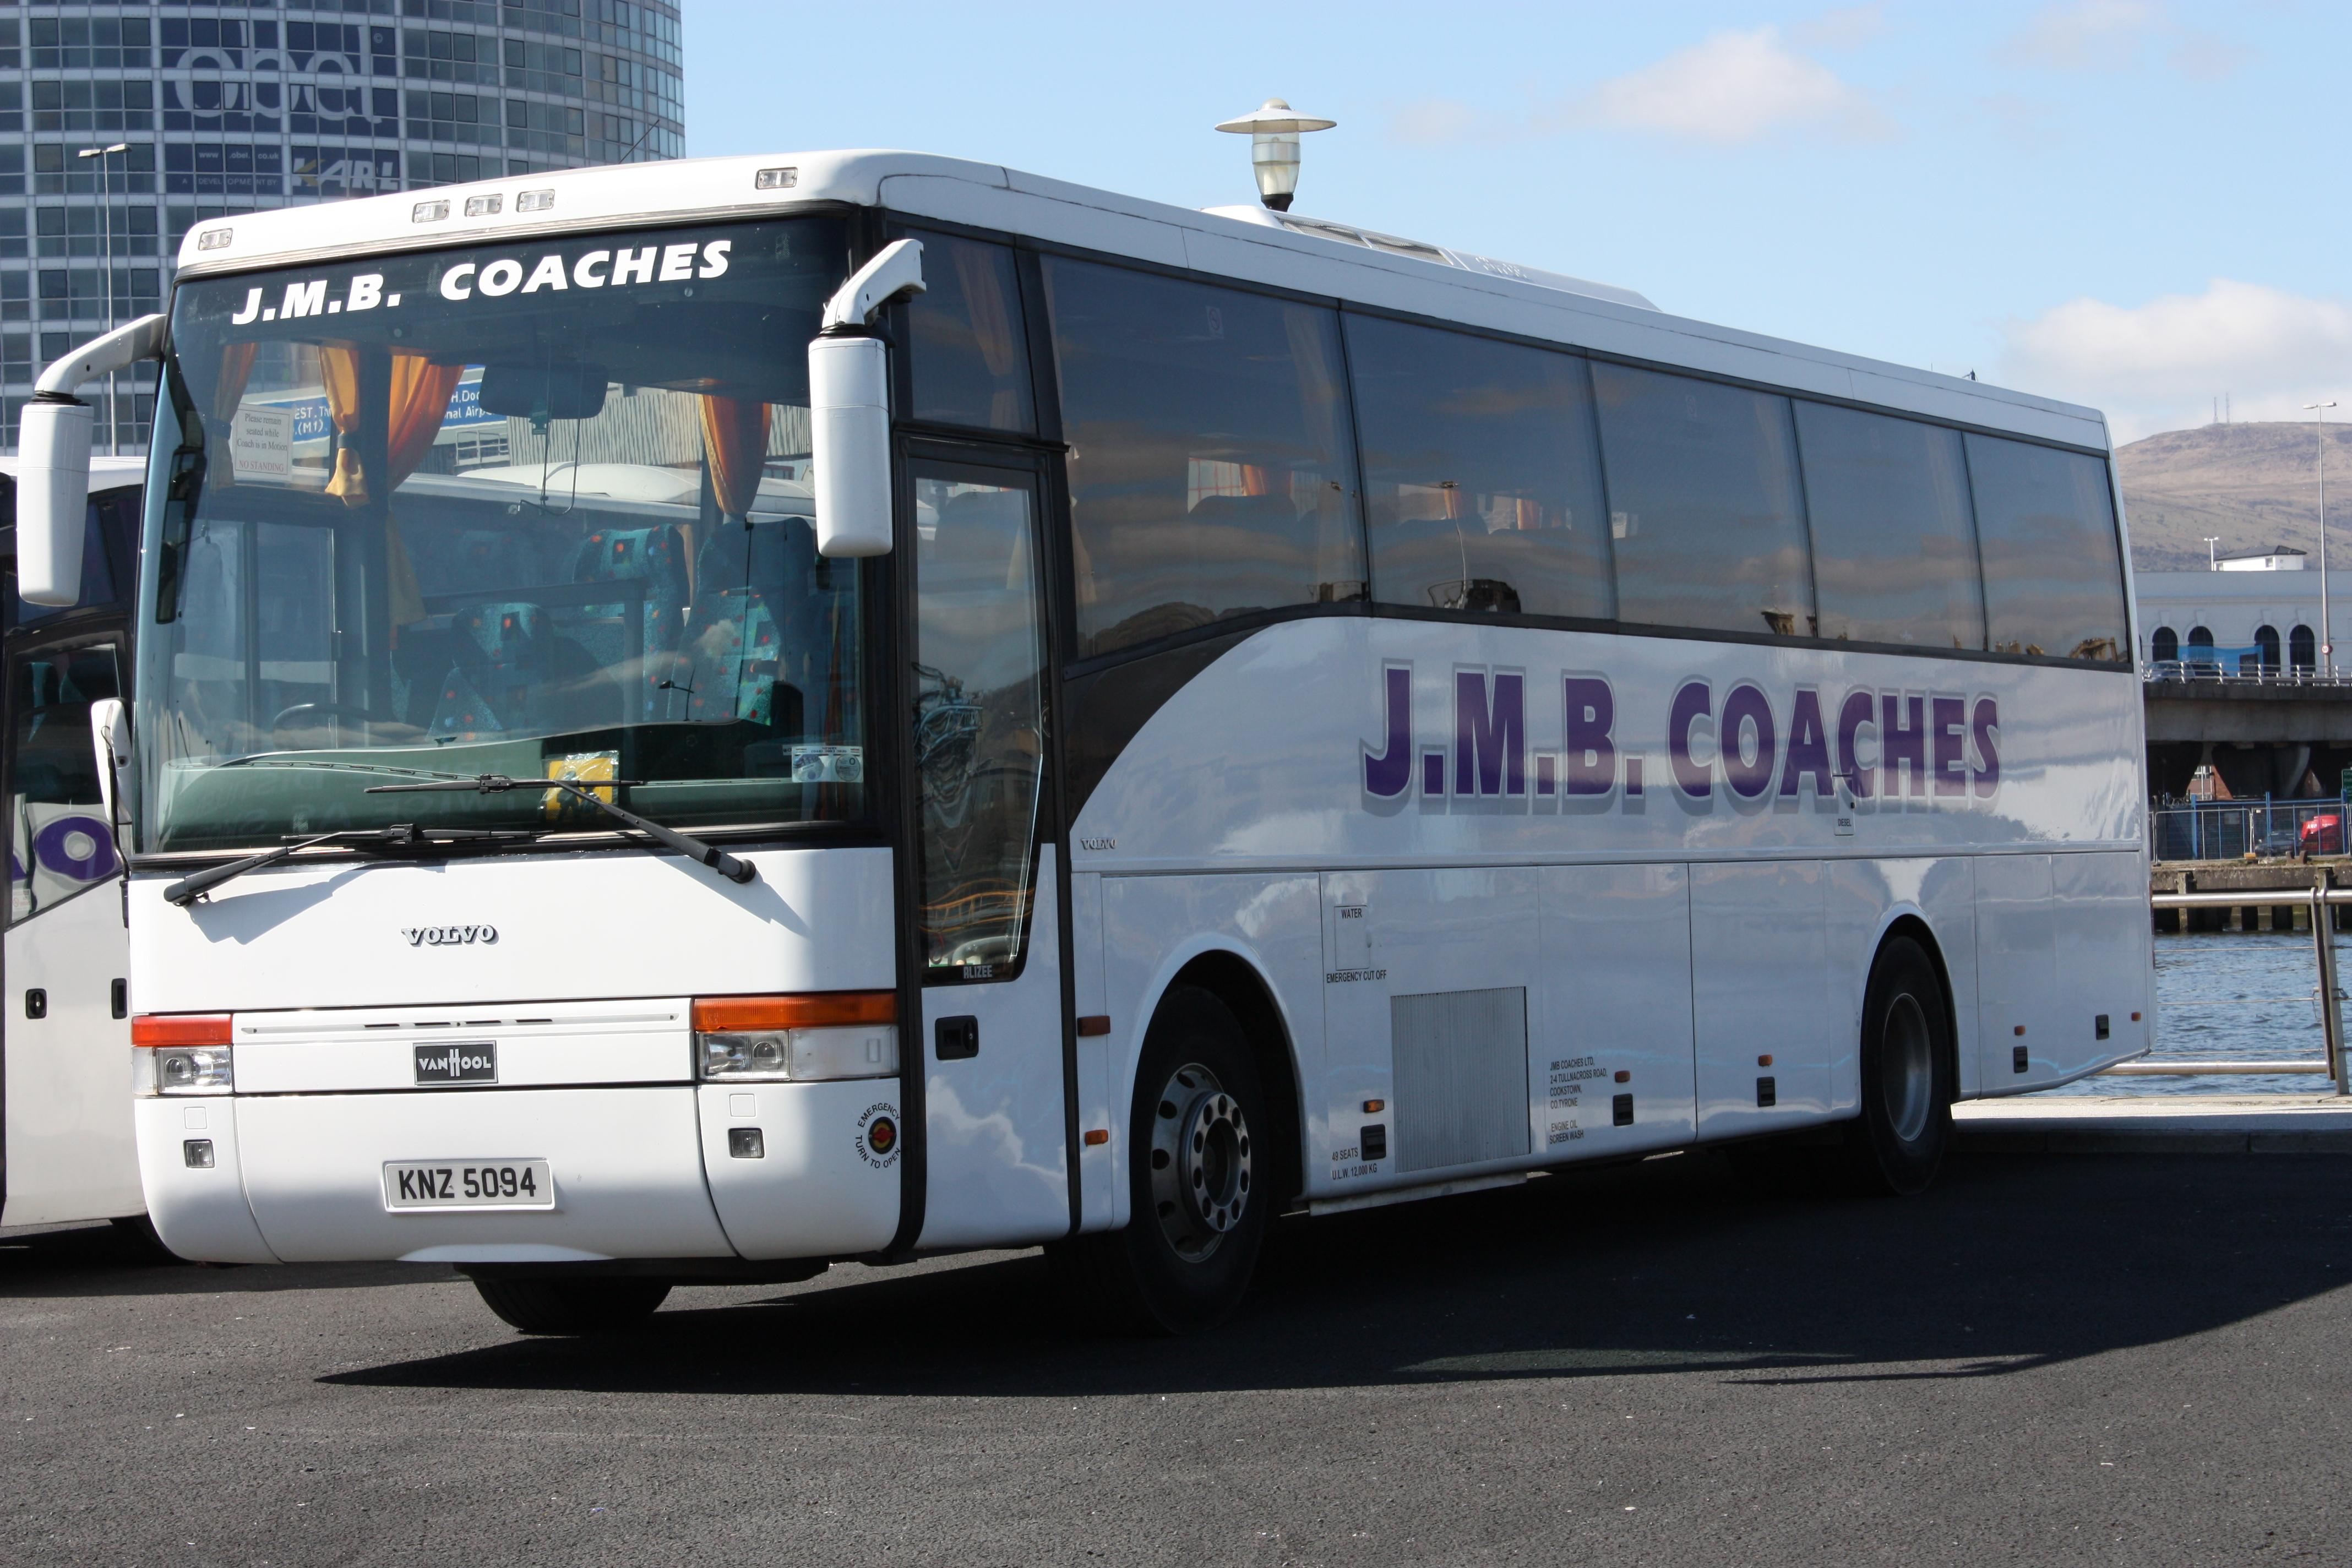 London Coach Tours Day Trips